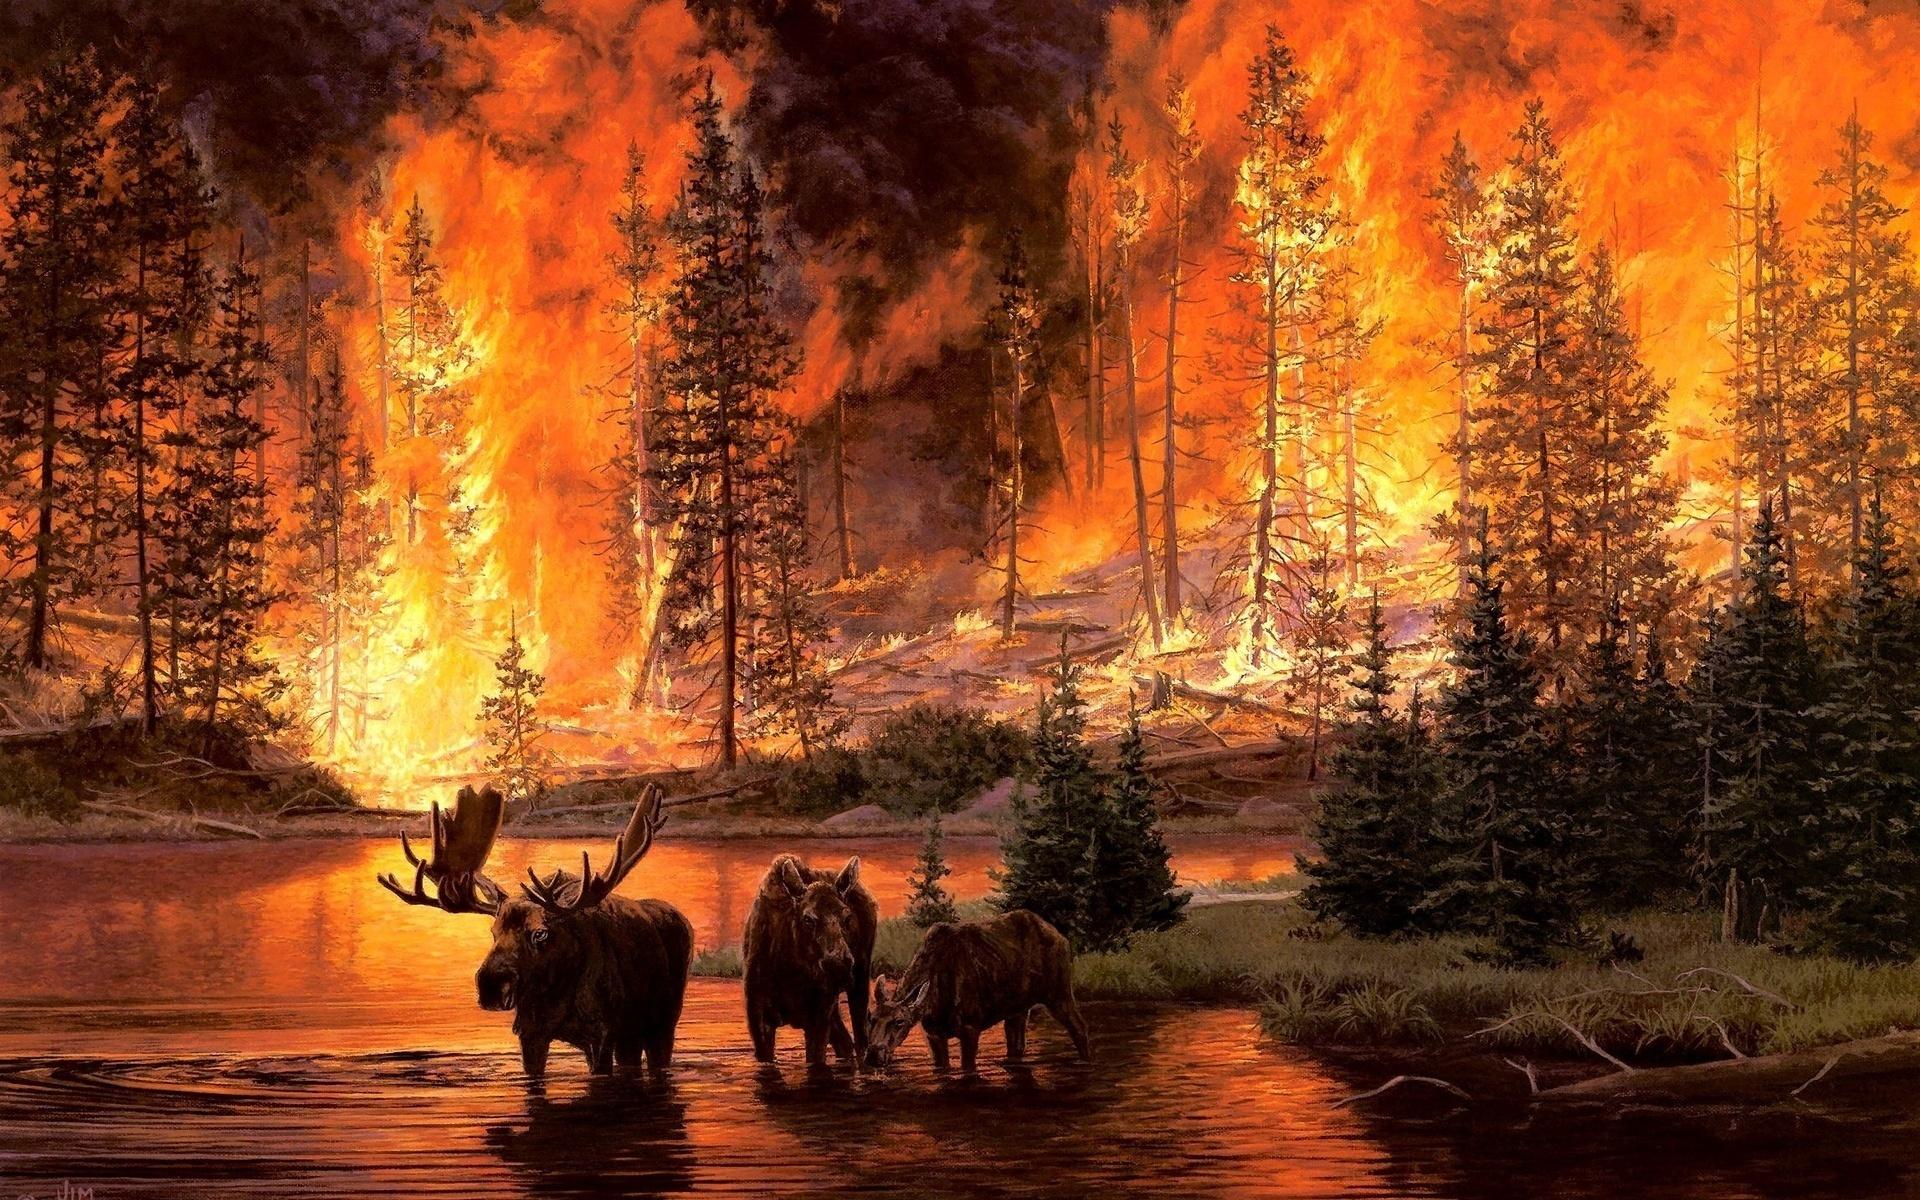 посмотреть картинки на тему пожар в лесу нужно